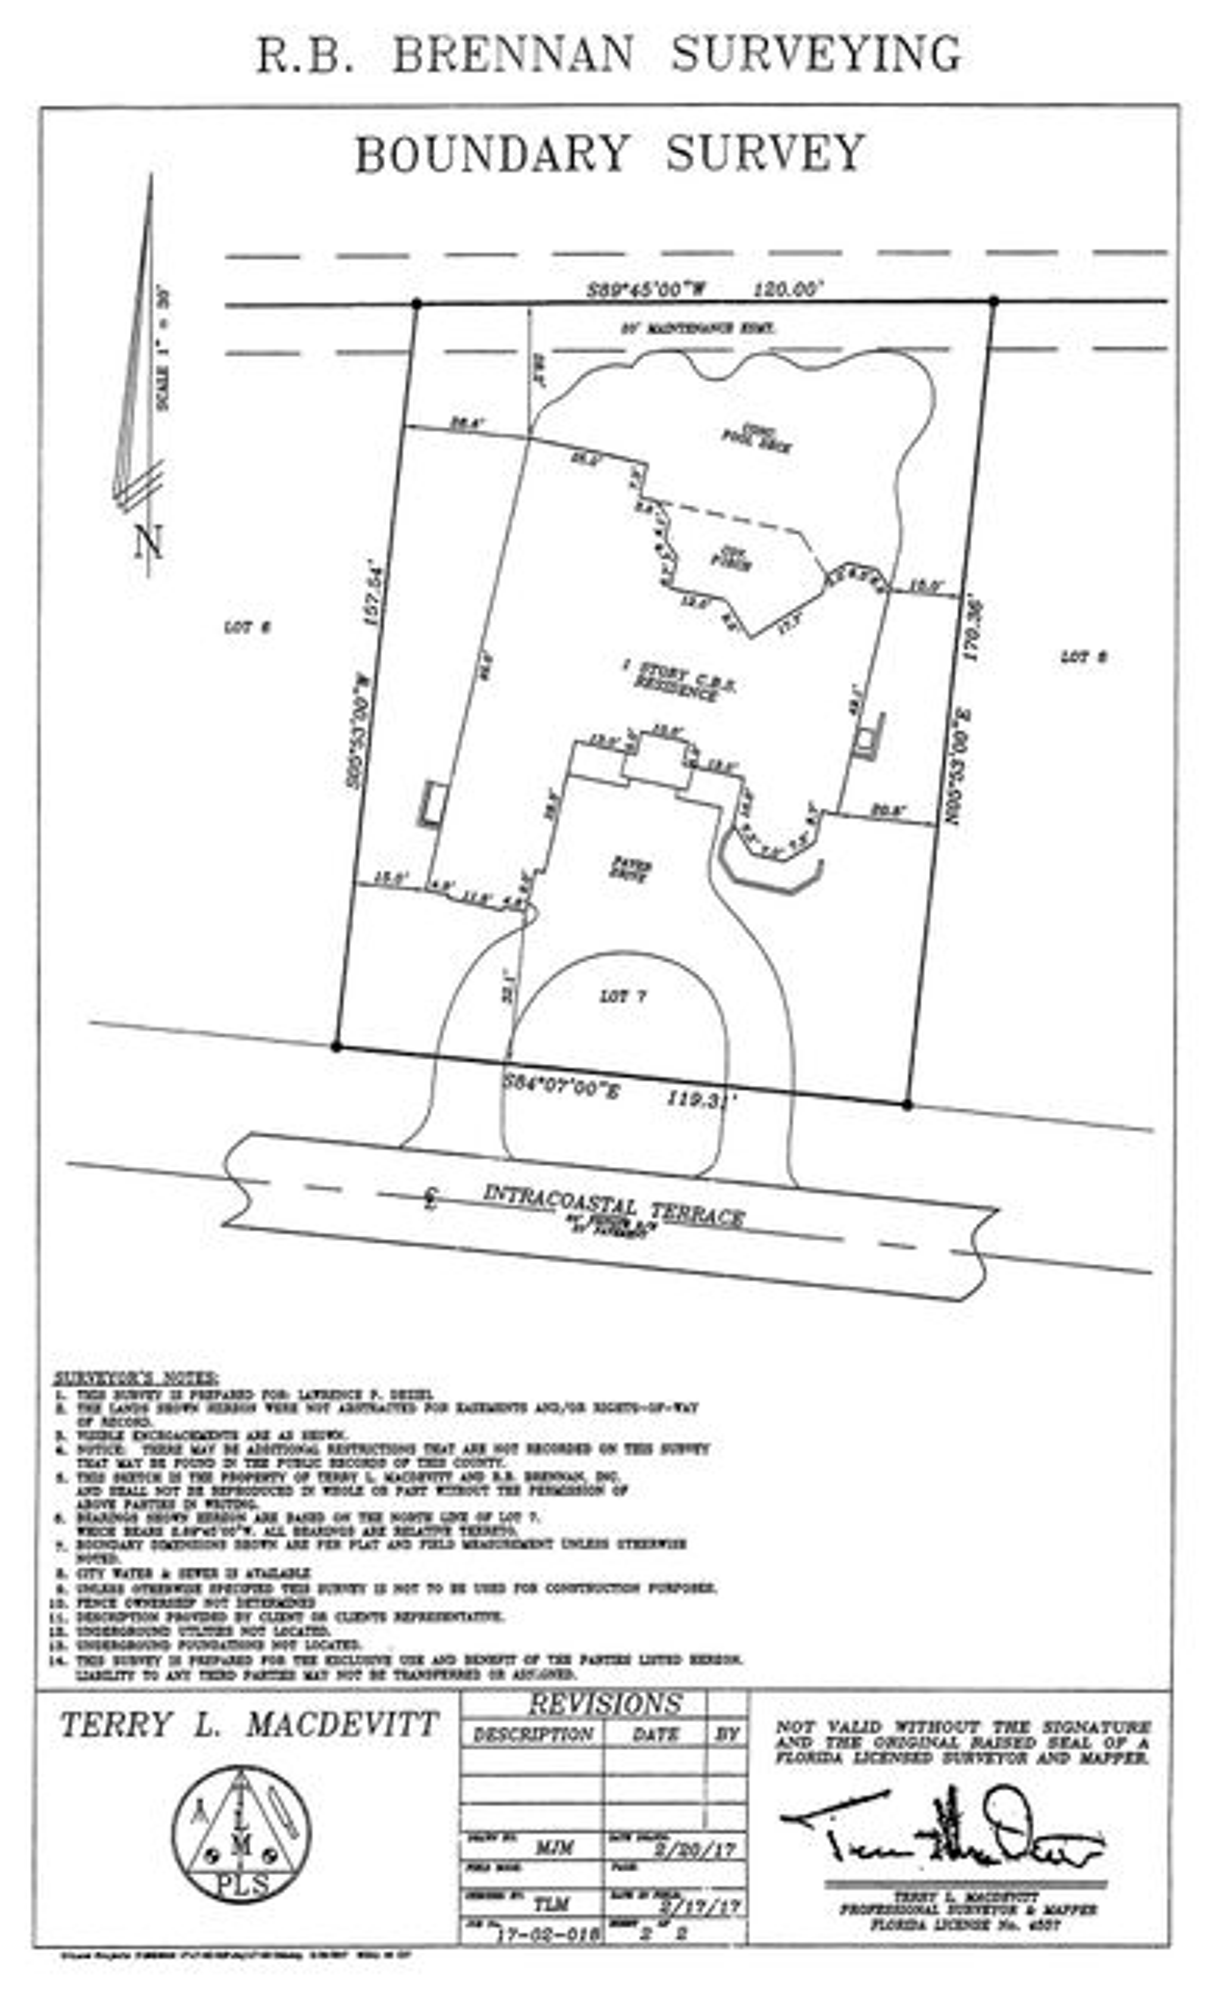 12009 Intracoastal - Survey